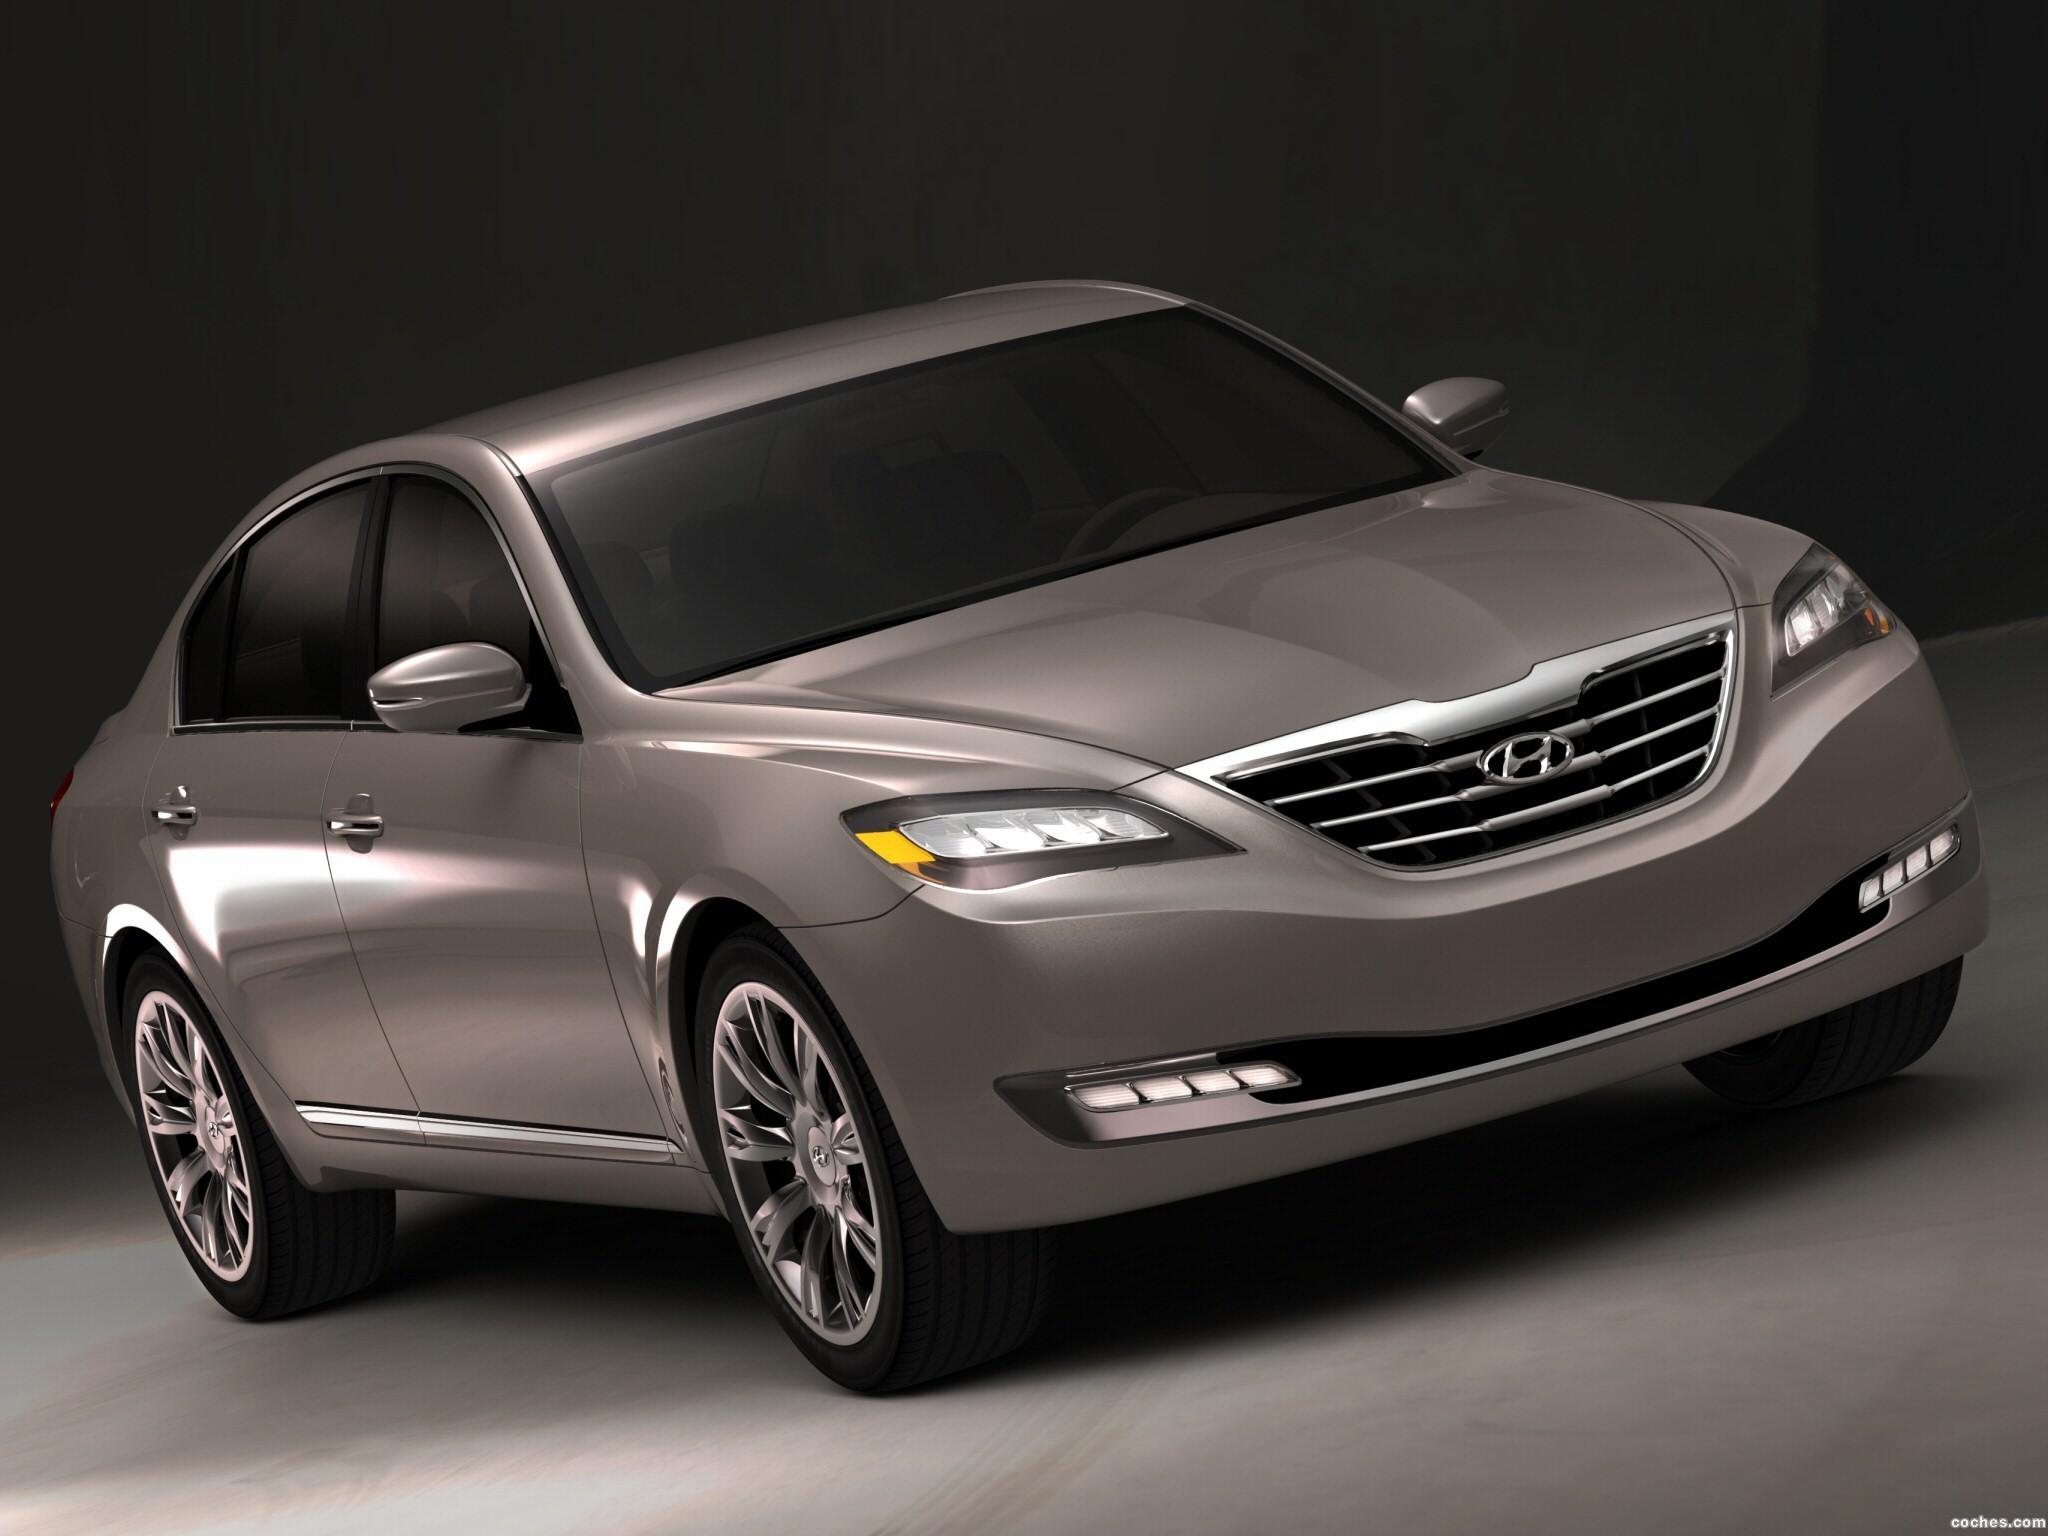 Foto 9 de Hyundai Genesis Concept 2007